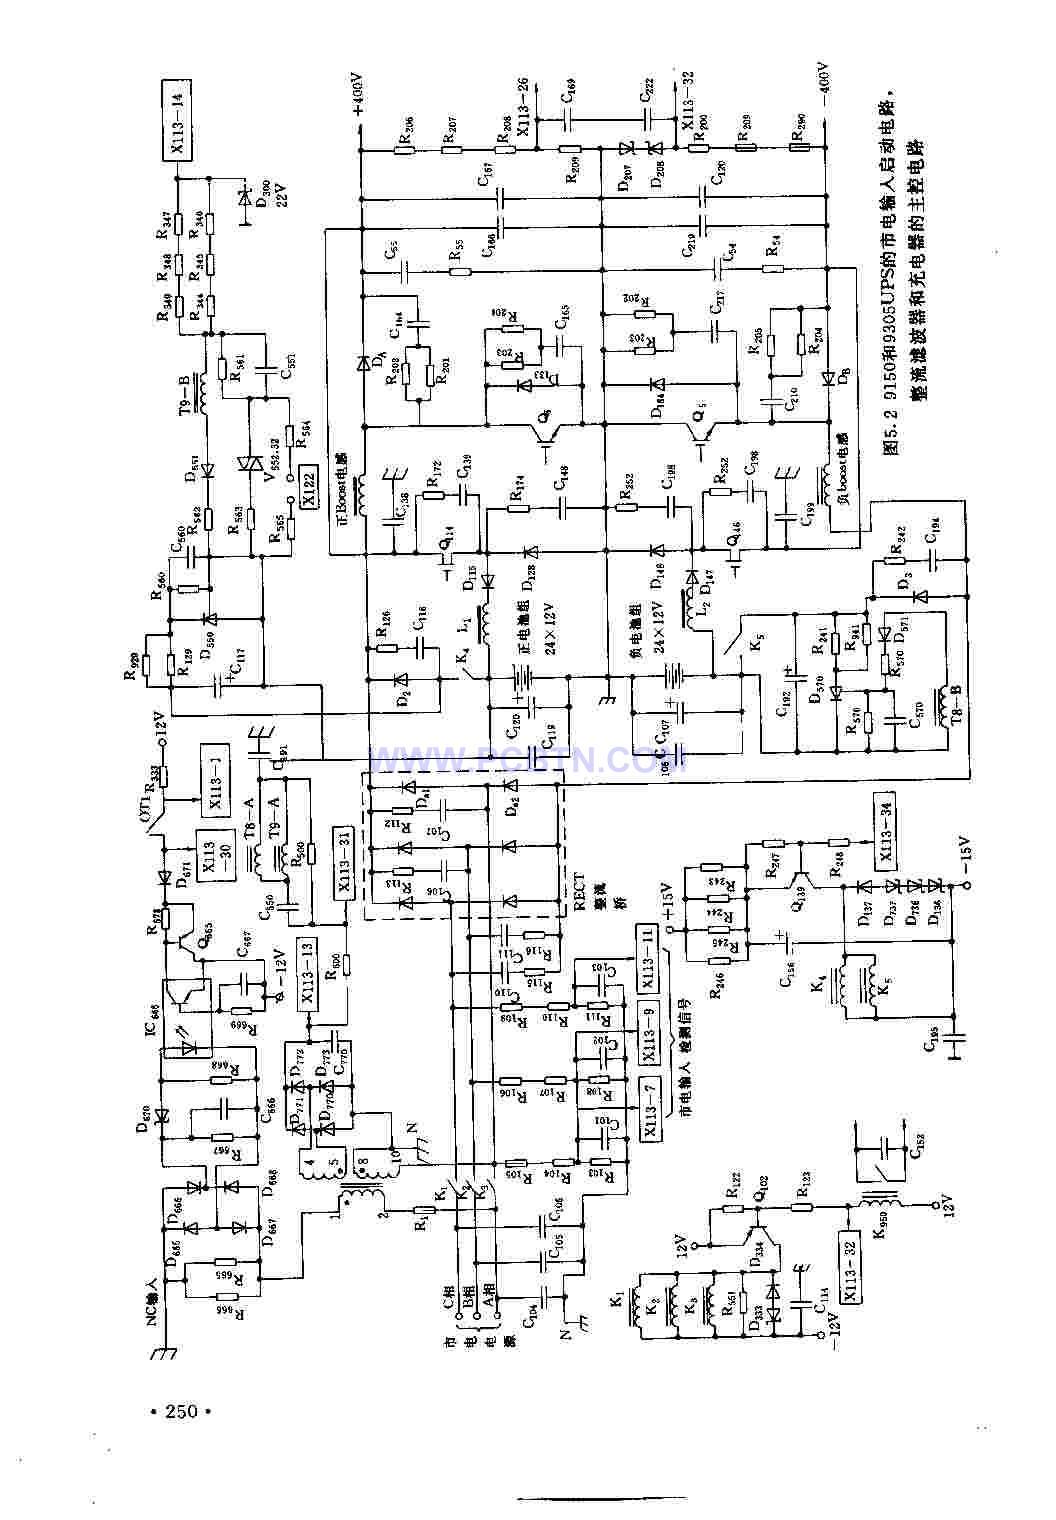 整流滤波器和充电器的主电路